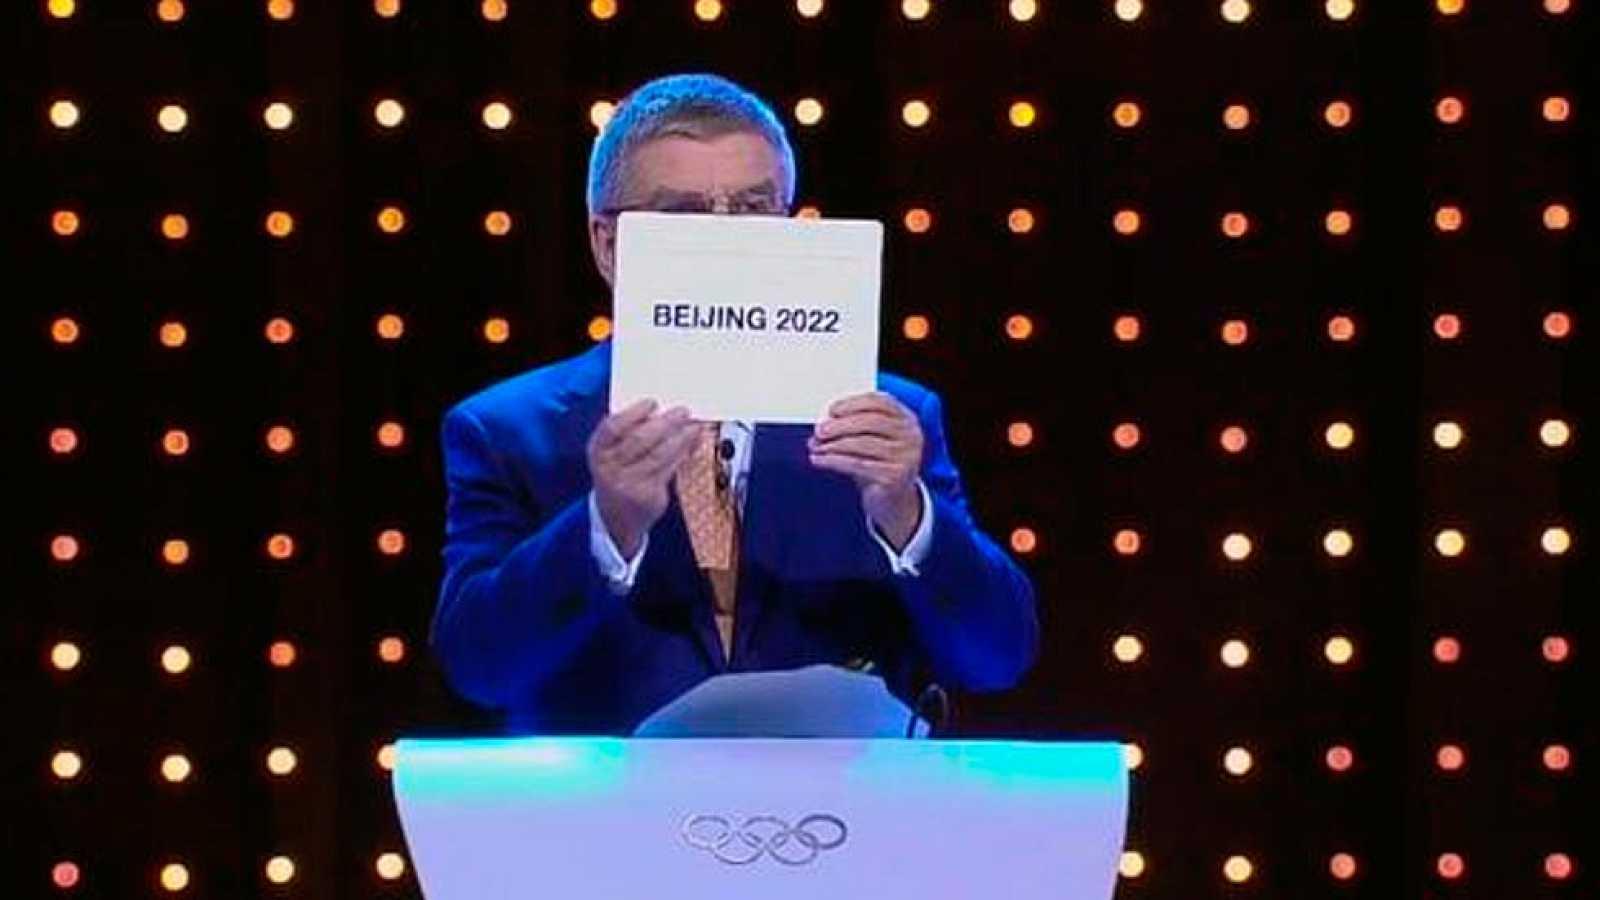 Pekin Sede De Los Juegos Olimpicos De Invierno De 2022 Rtve Es